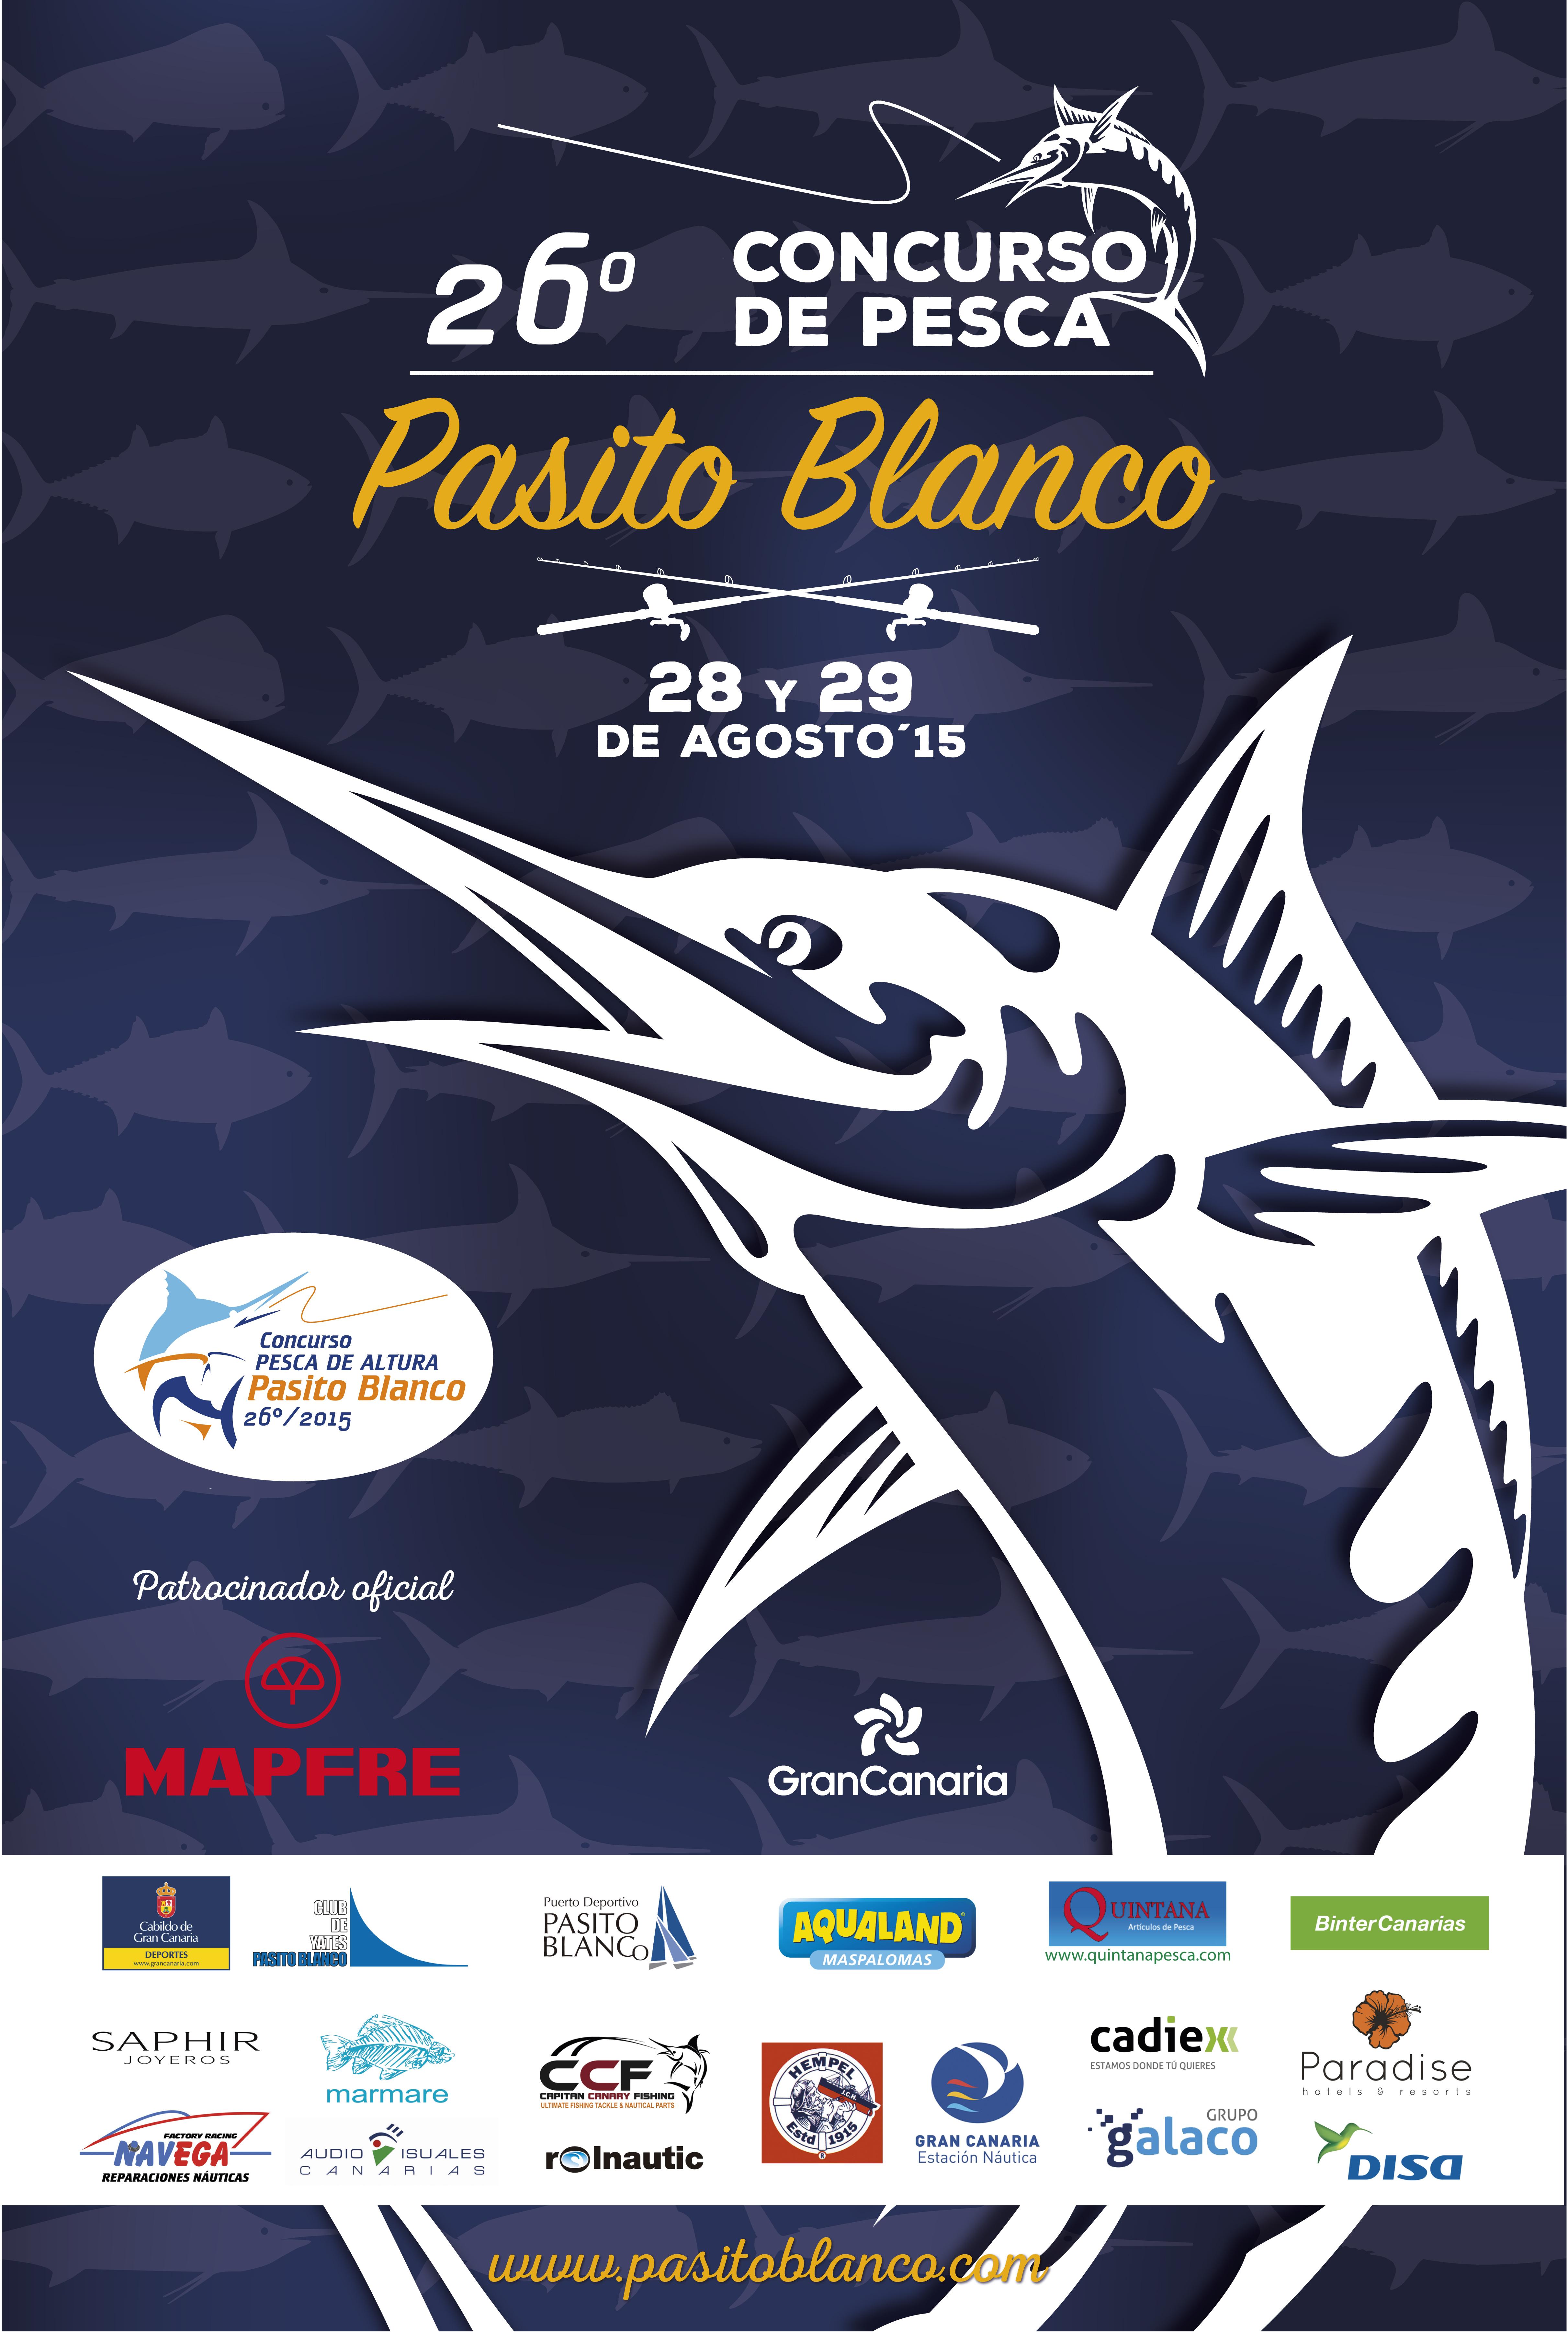 Cartel Concurso de pesca 2015